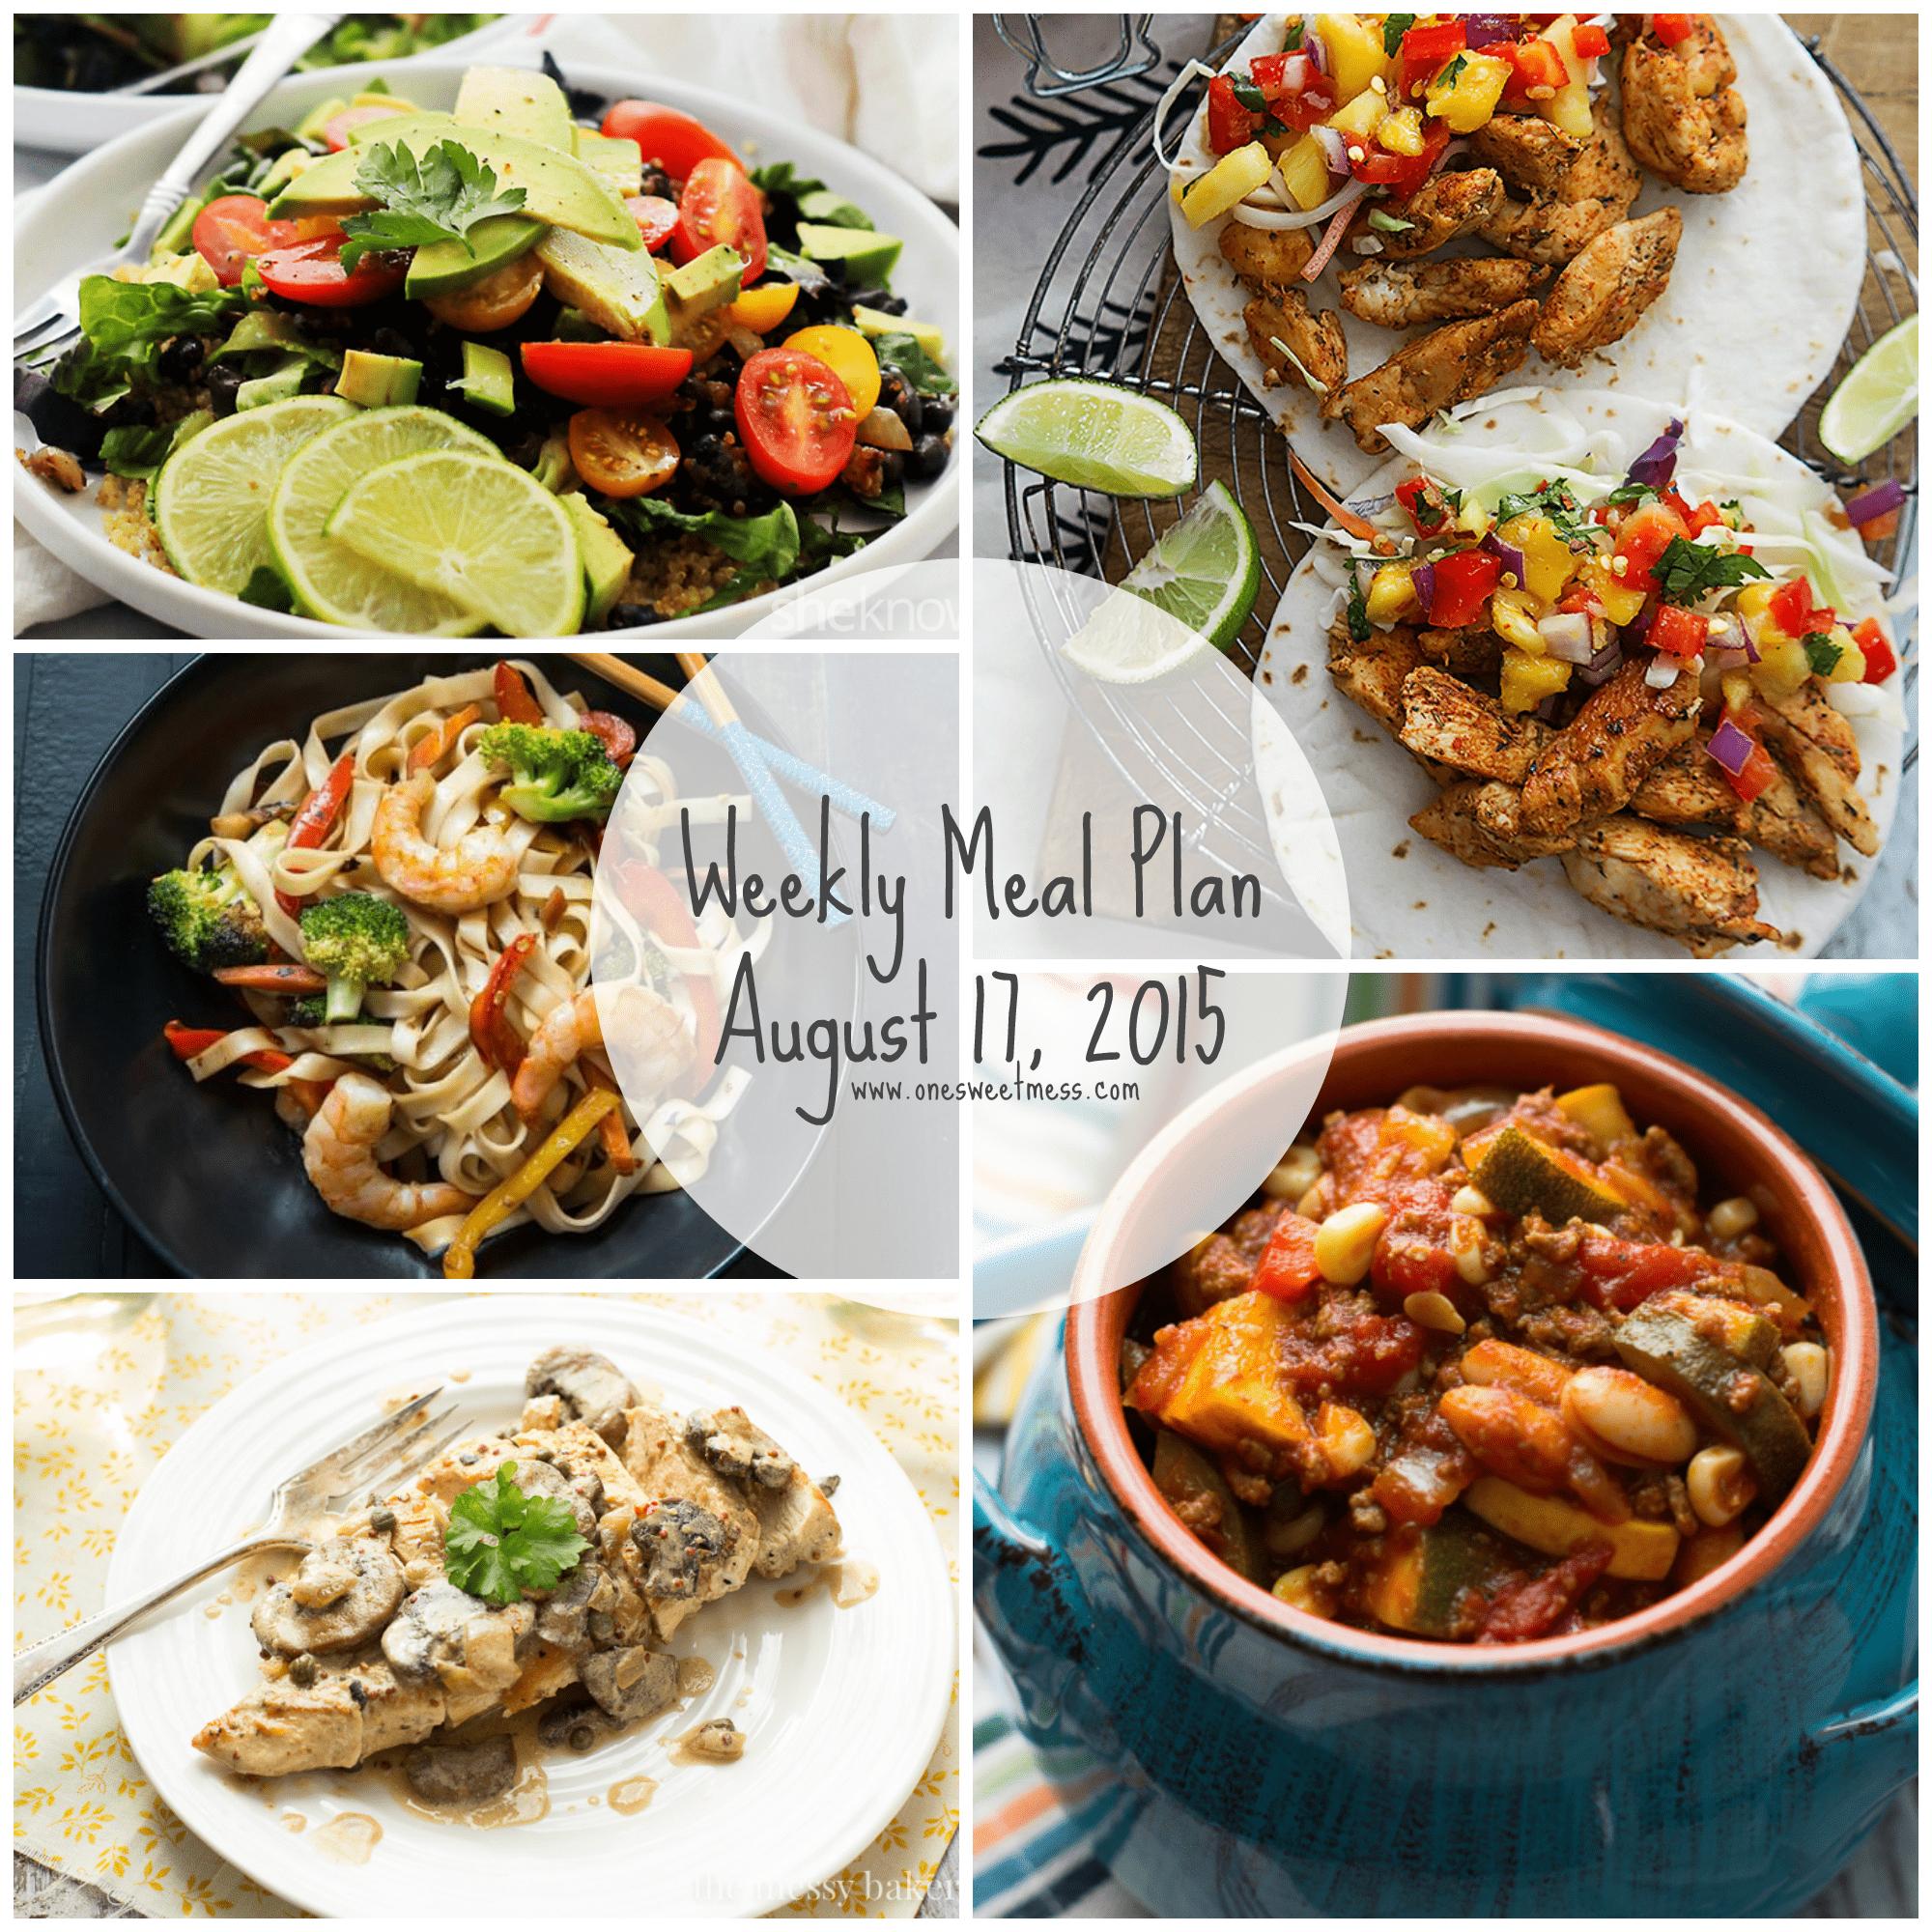 Week of August 17, 2015 Meal Plan with Printable Menu + Grocery List